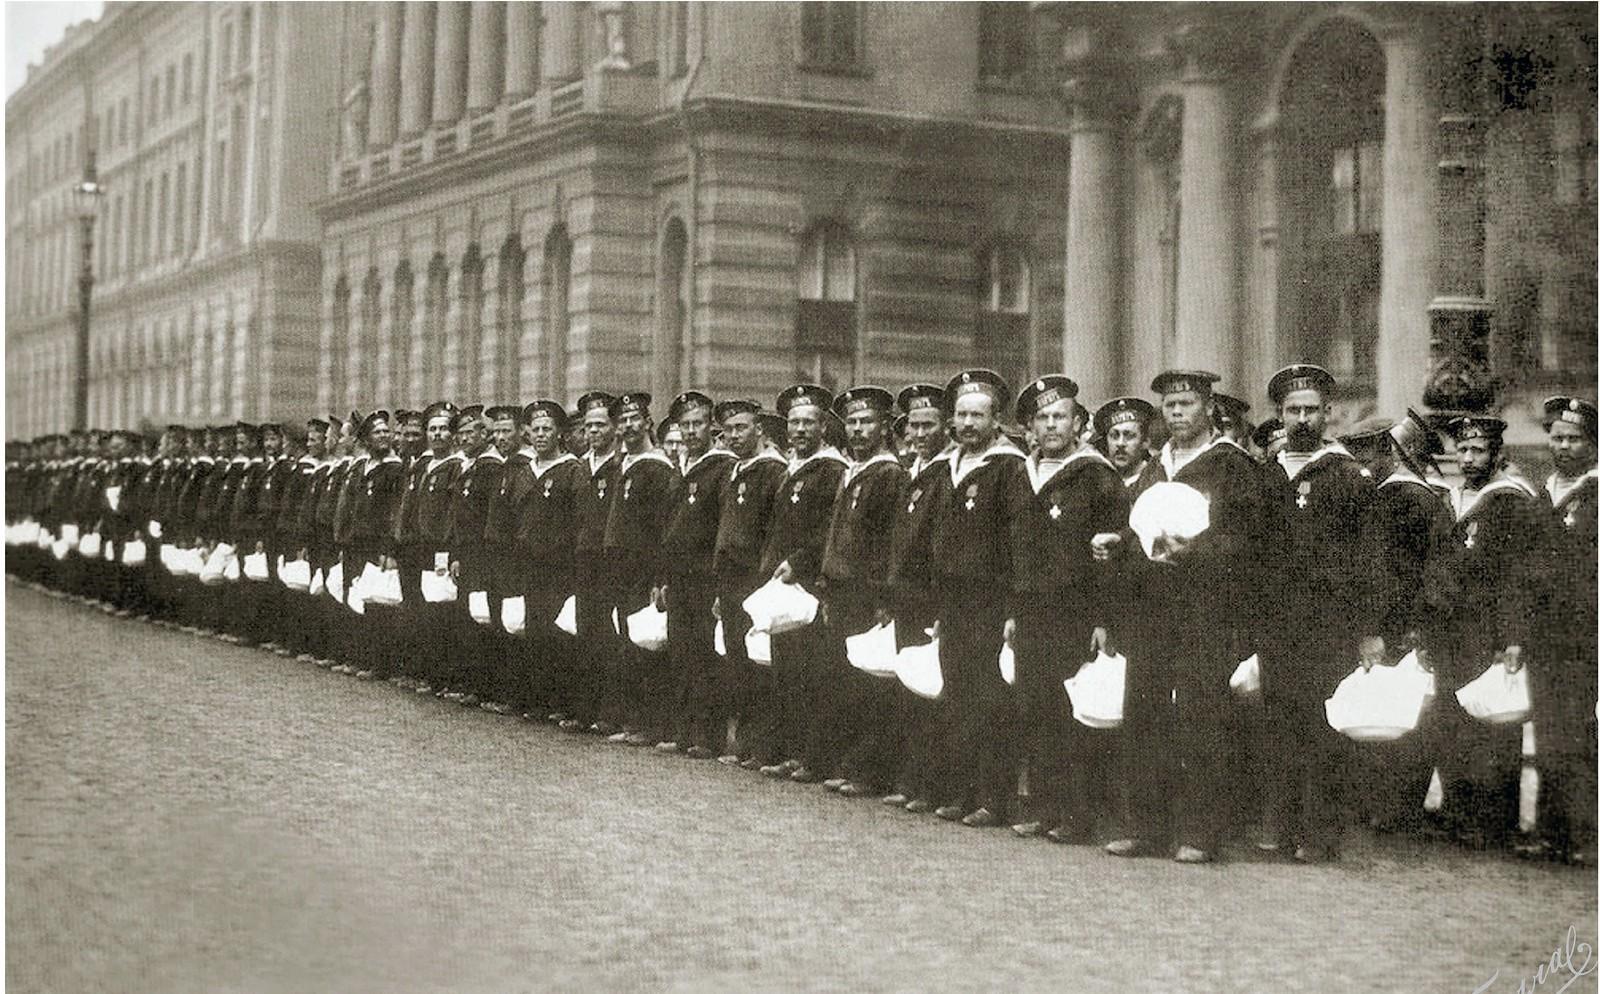 1904. Моряки крейсера «Варяг» и канонерской лодки «Кореец» после торжественного обеда в Зимнем Дворце, 16 апреля